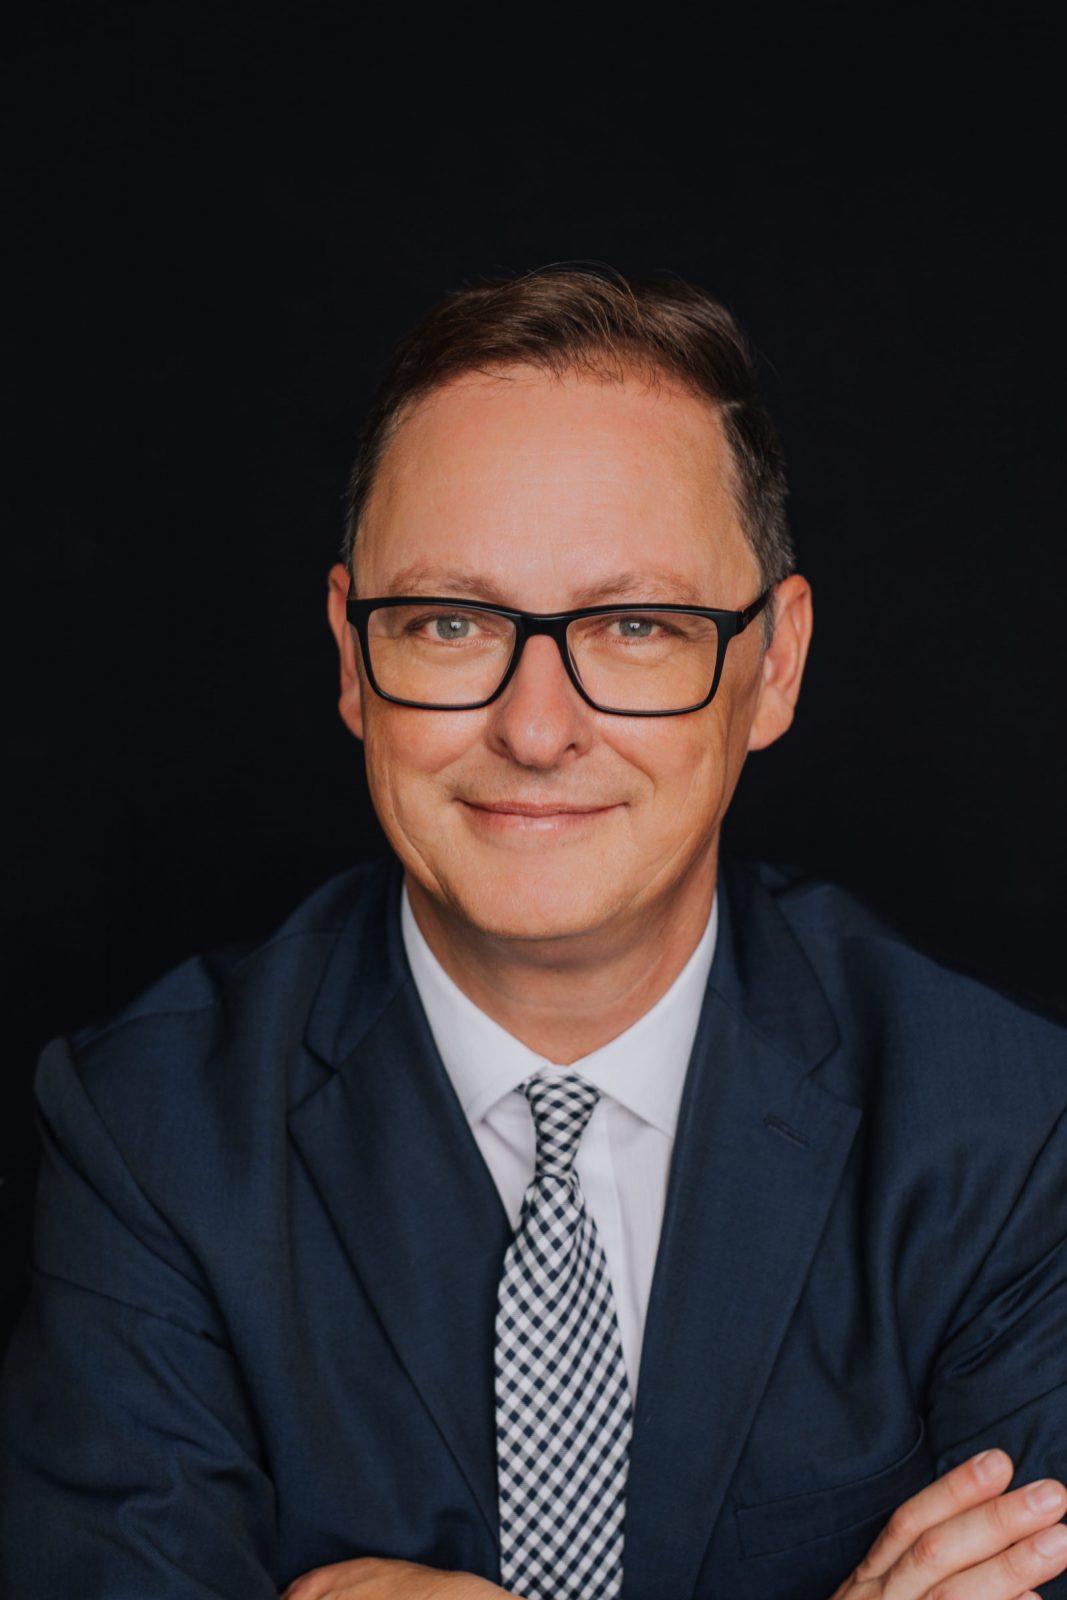 PierreLeblanc est prêt à relever les défis du Cégep de Drummondville